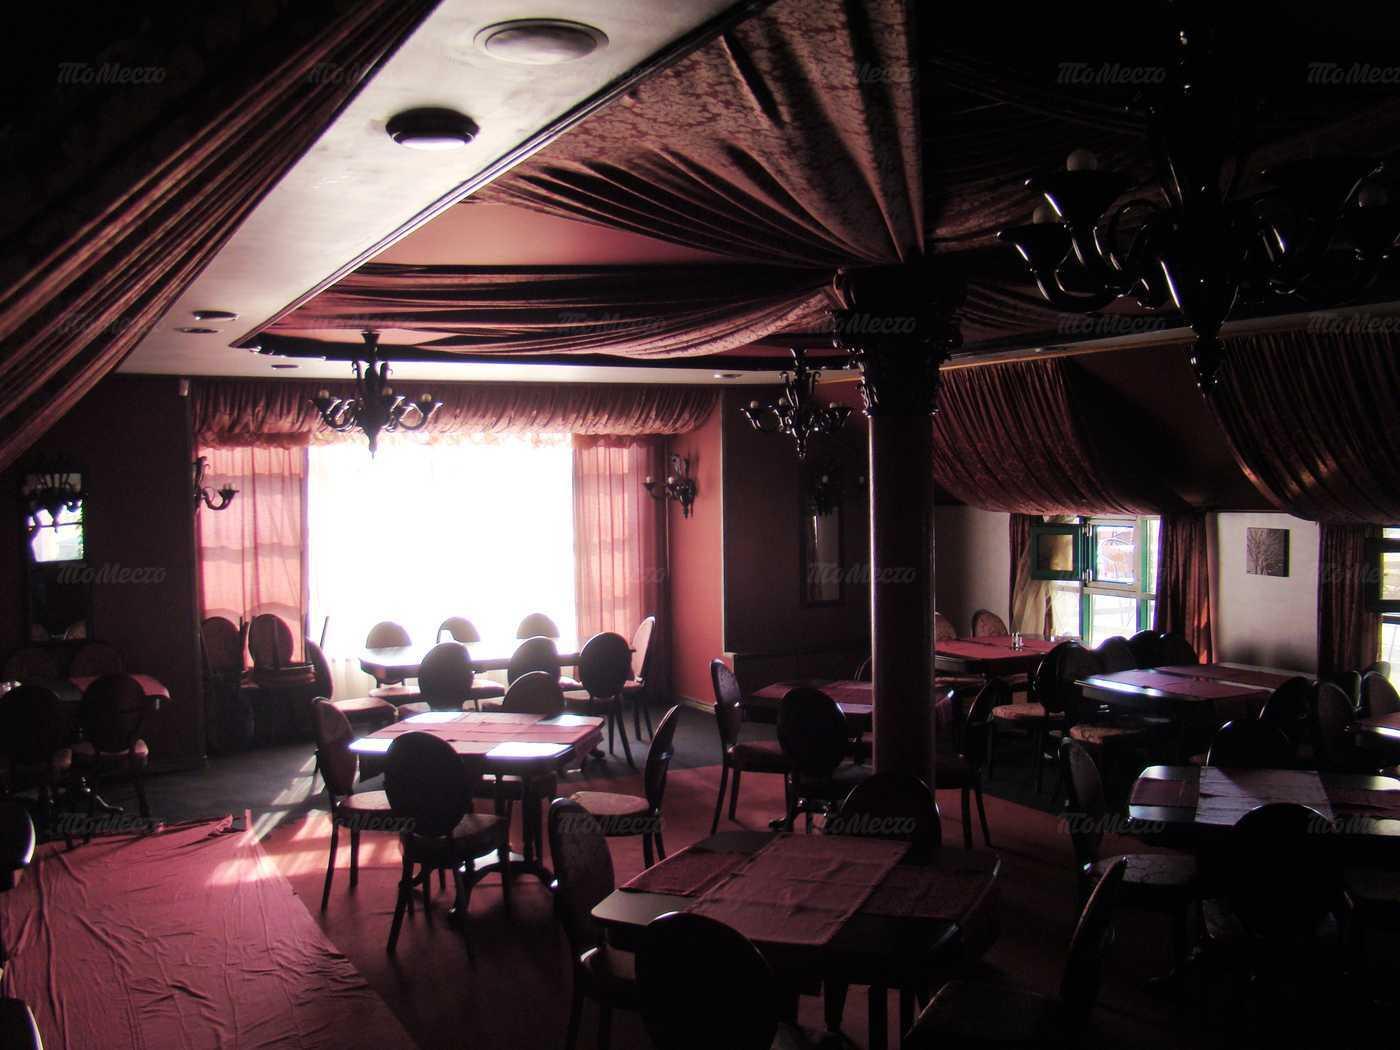 Меню кафе, ночного клуба, ресторана Алые паруса на Удмуртской улице